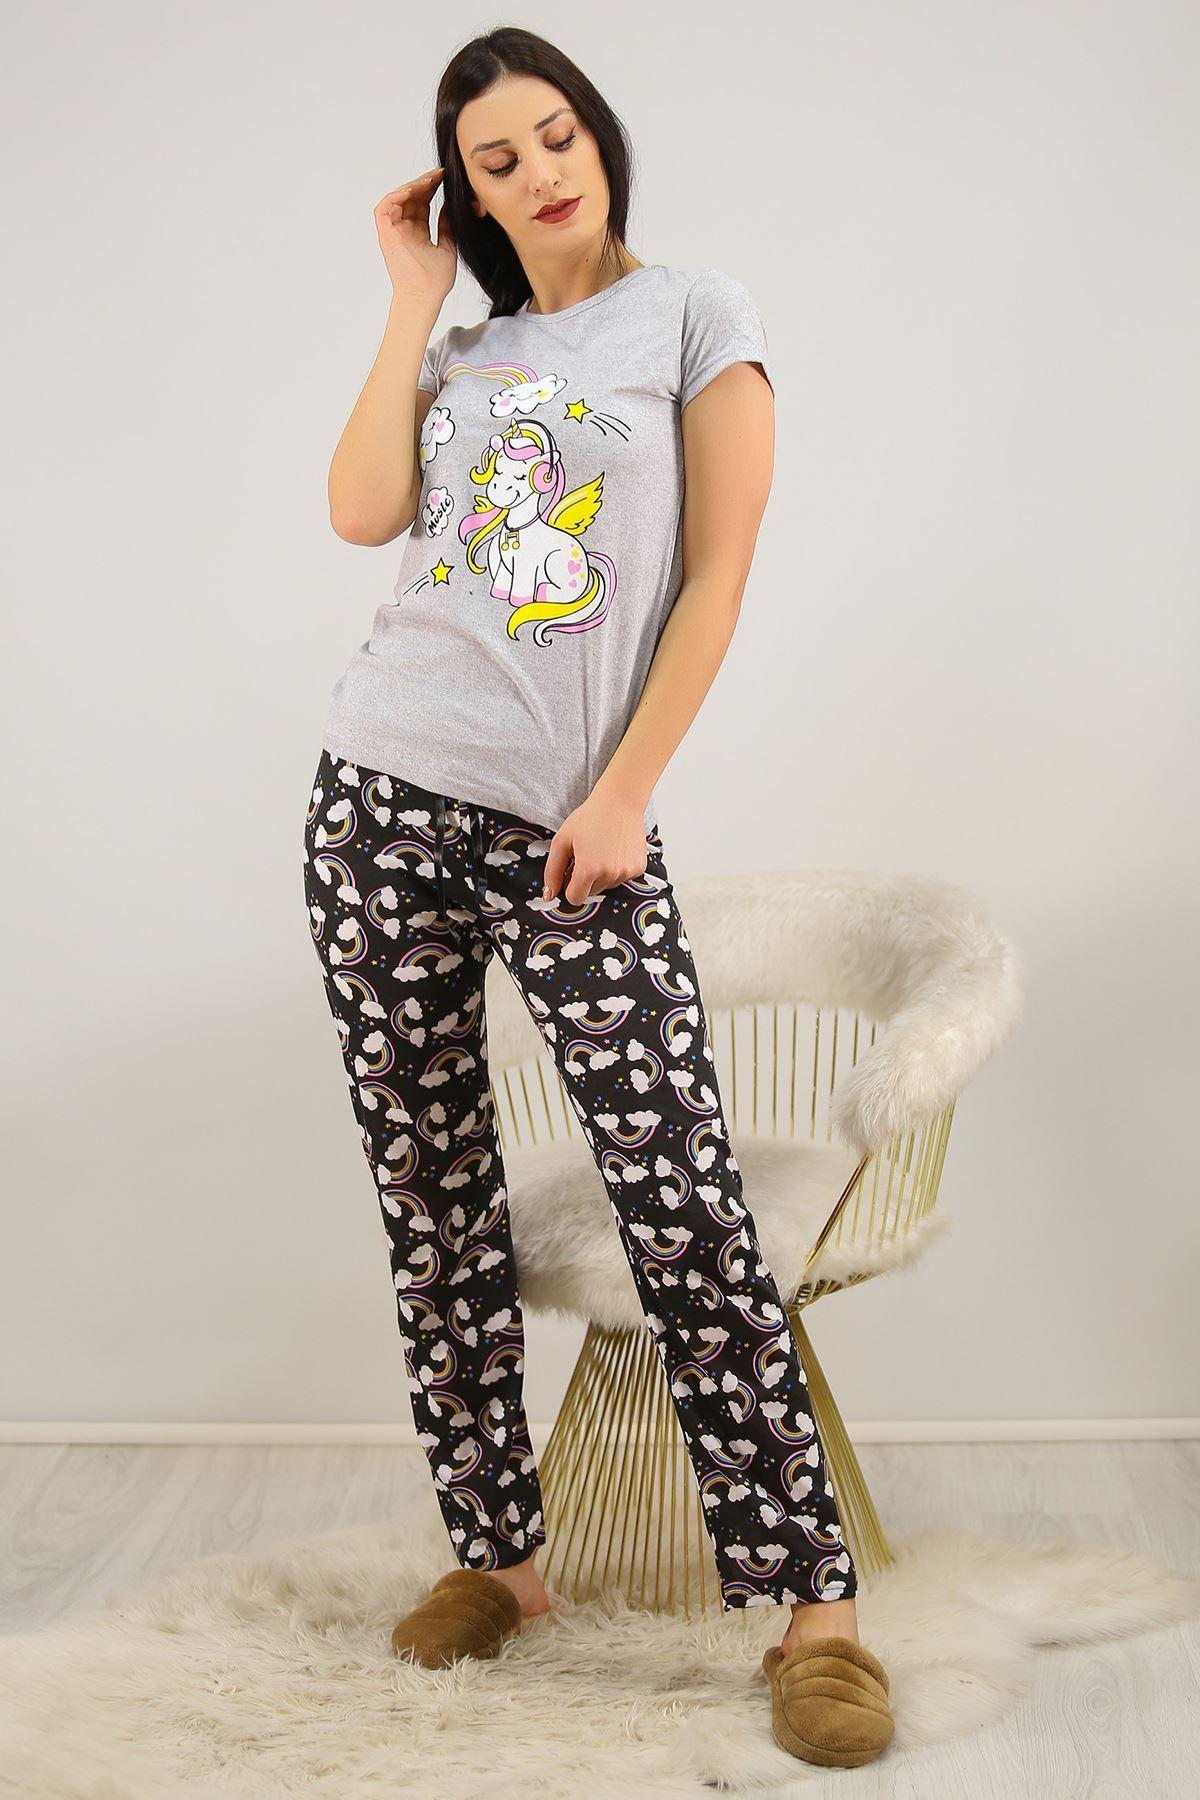 Baskılı Pijama Takımı Gri - 4704.102.